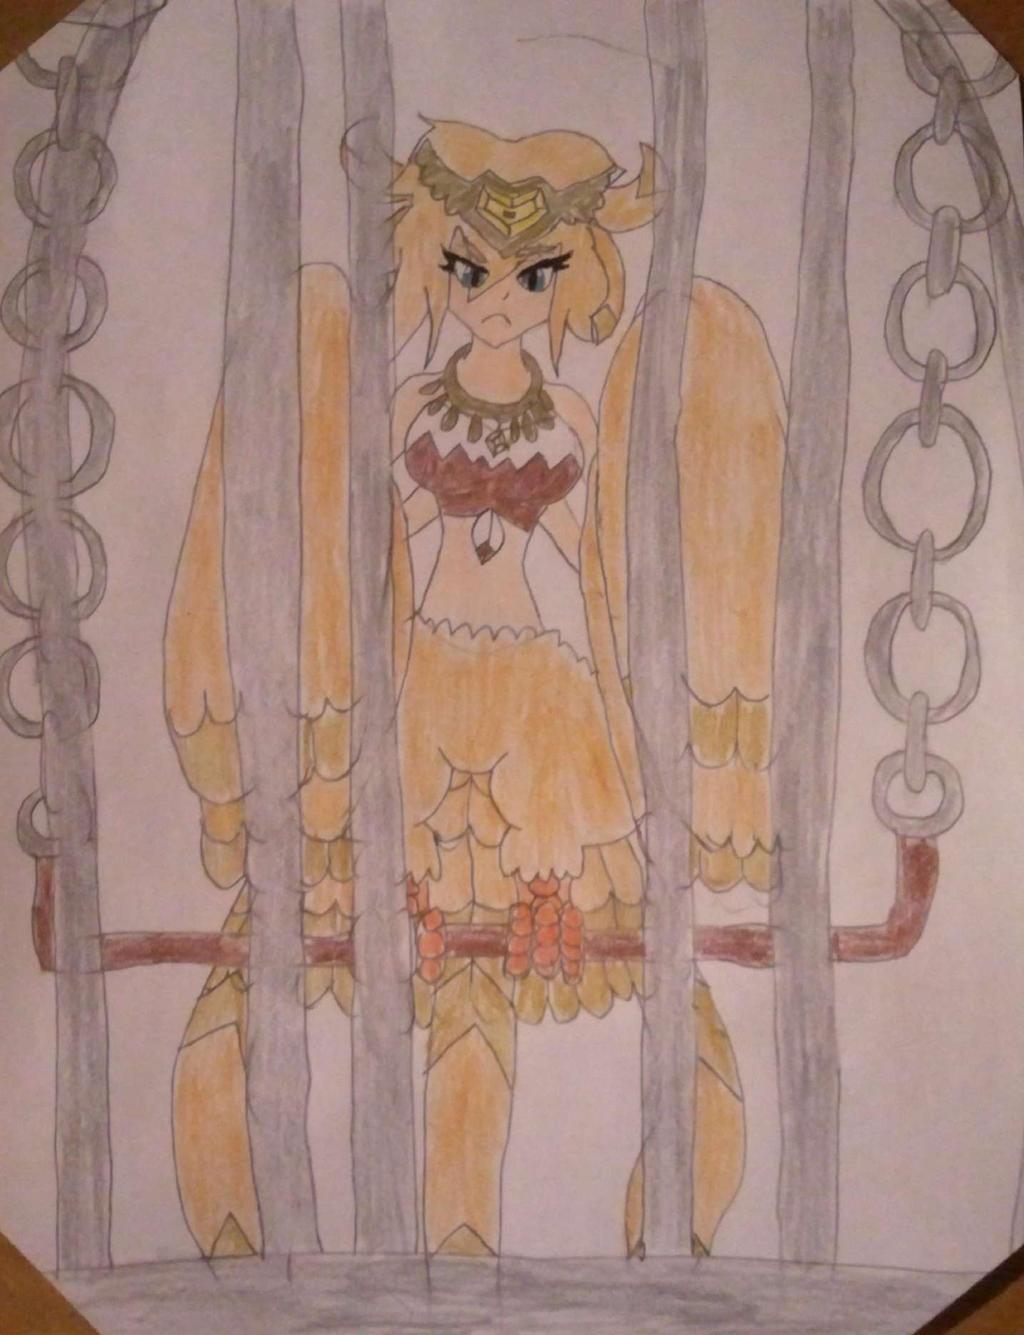 Giga Harpy (caged) by BenorianHardback26